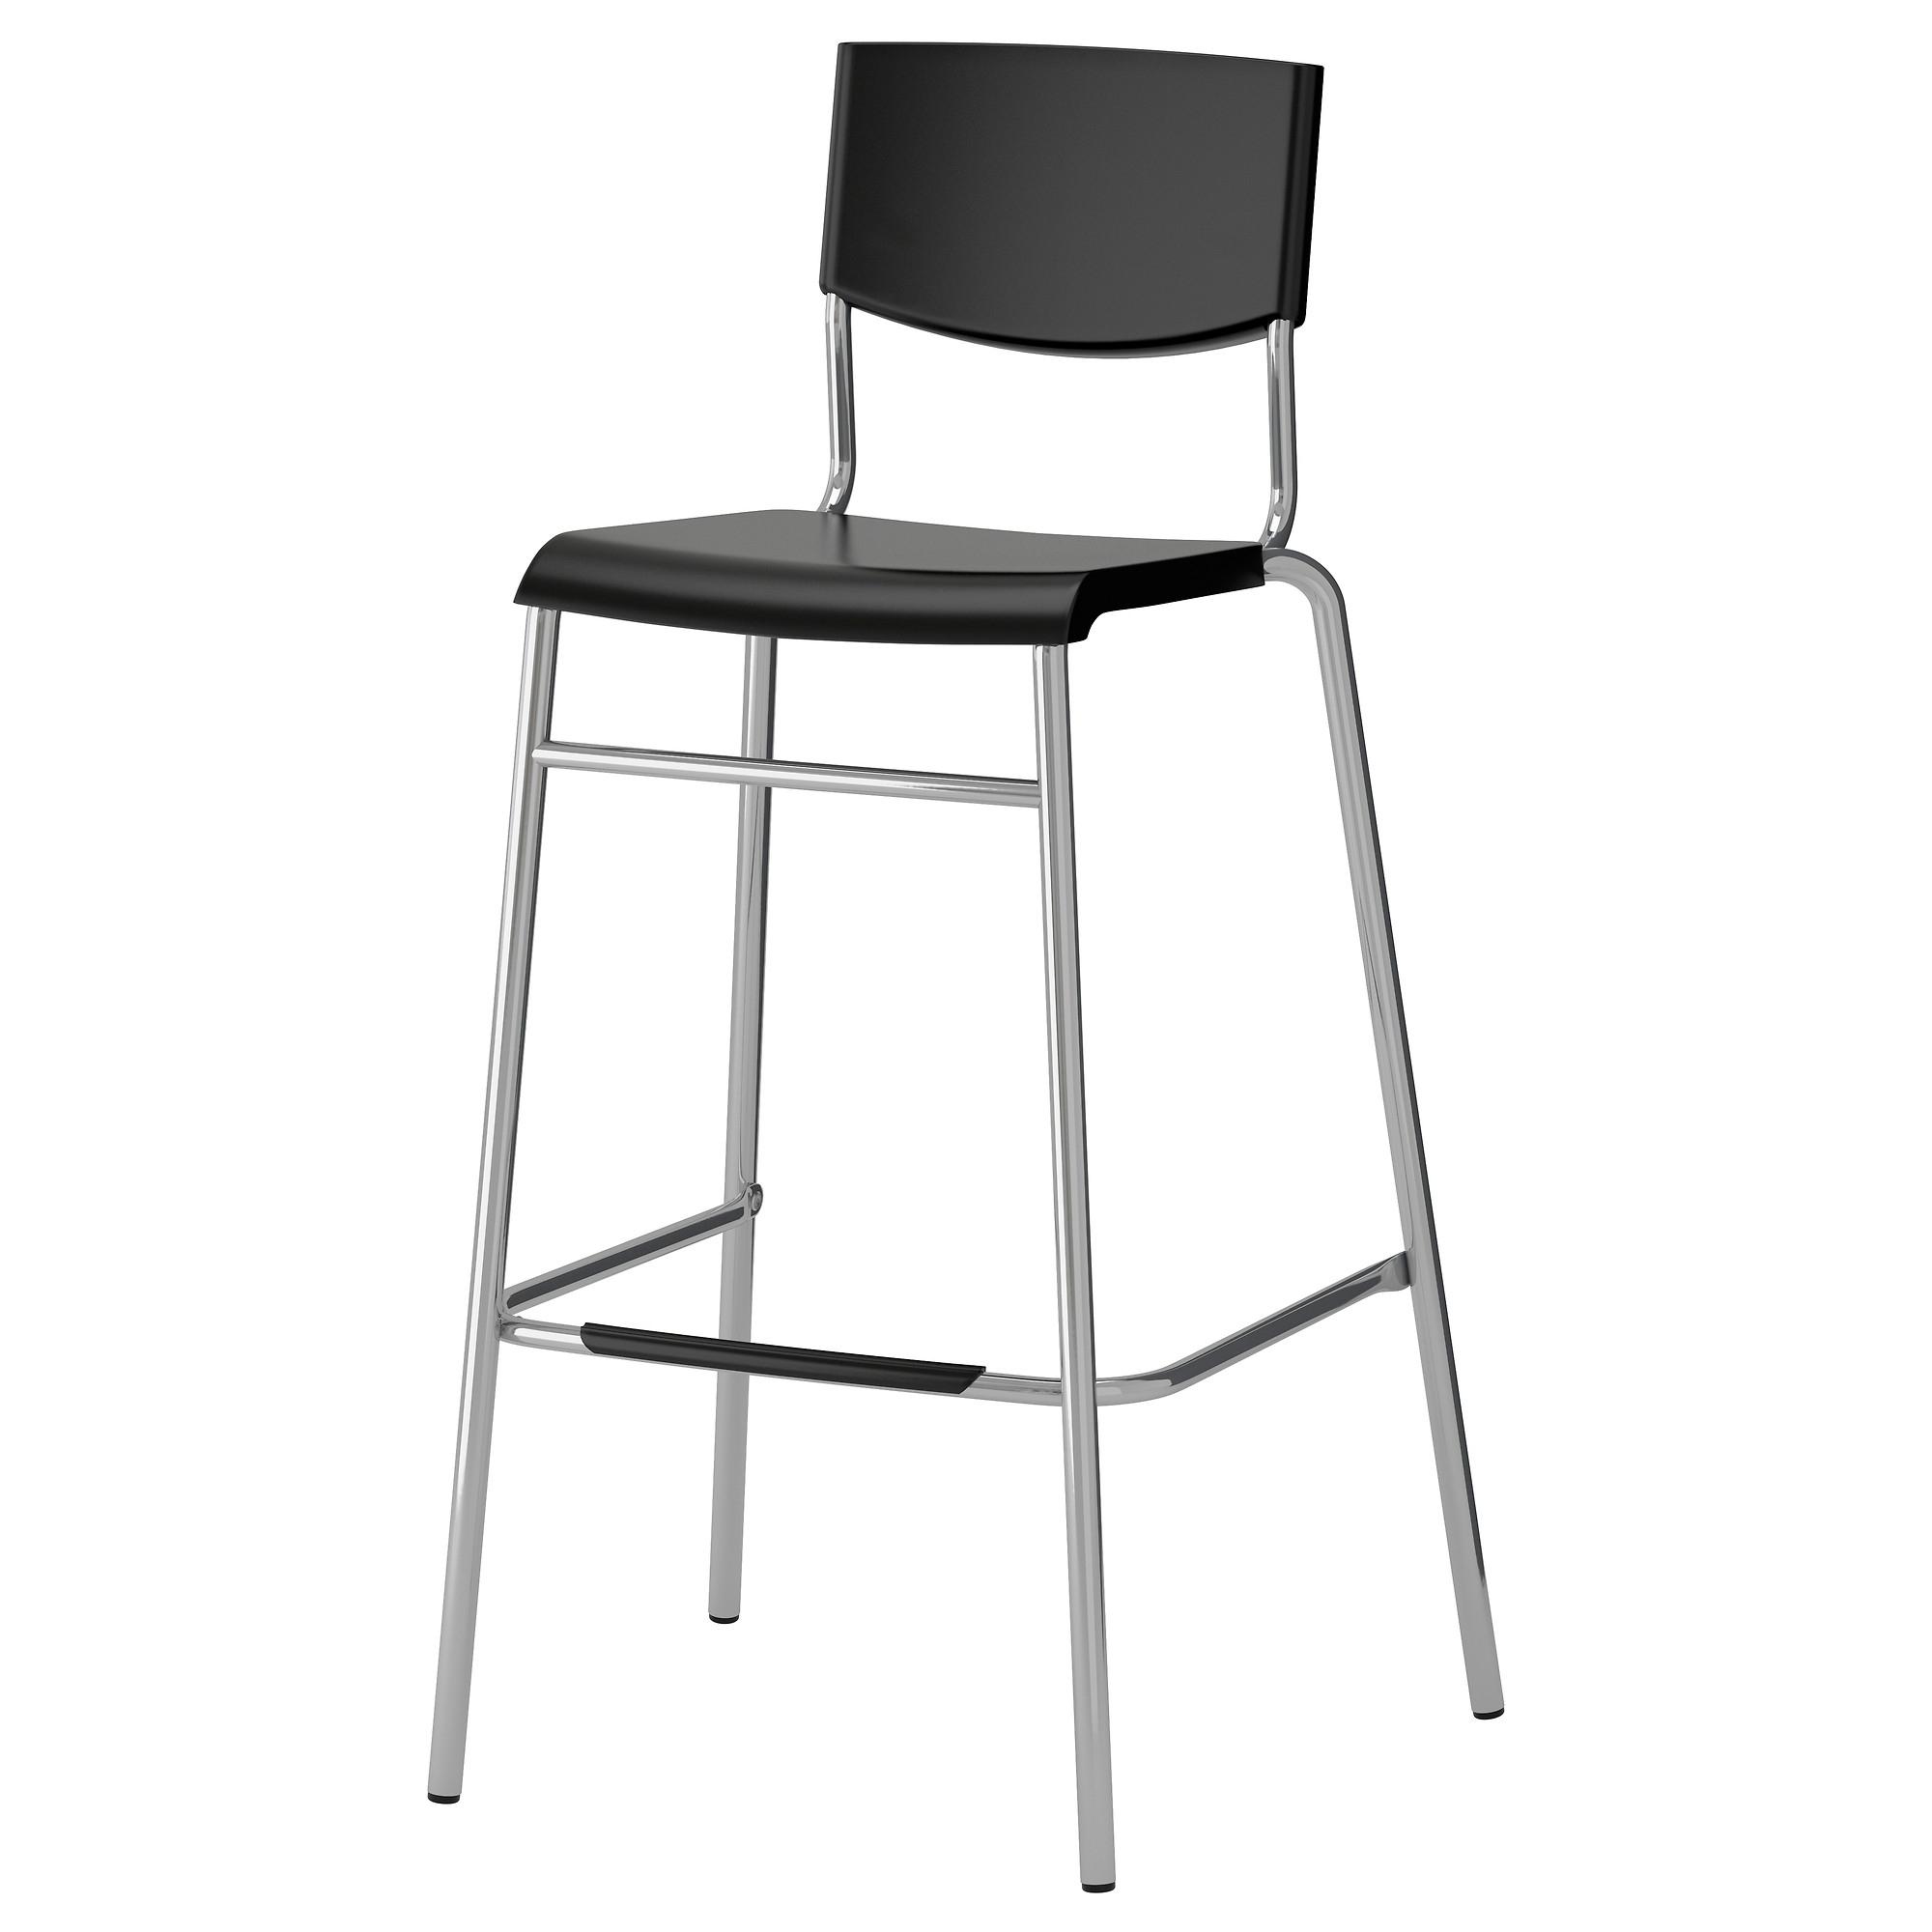 Moderno Cocina Ikea Sillas Altas Ideas Ideas de Decoracin de